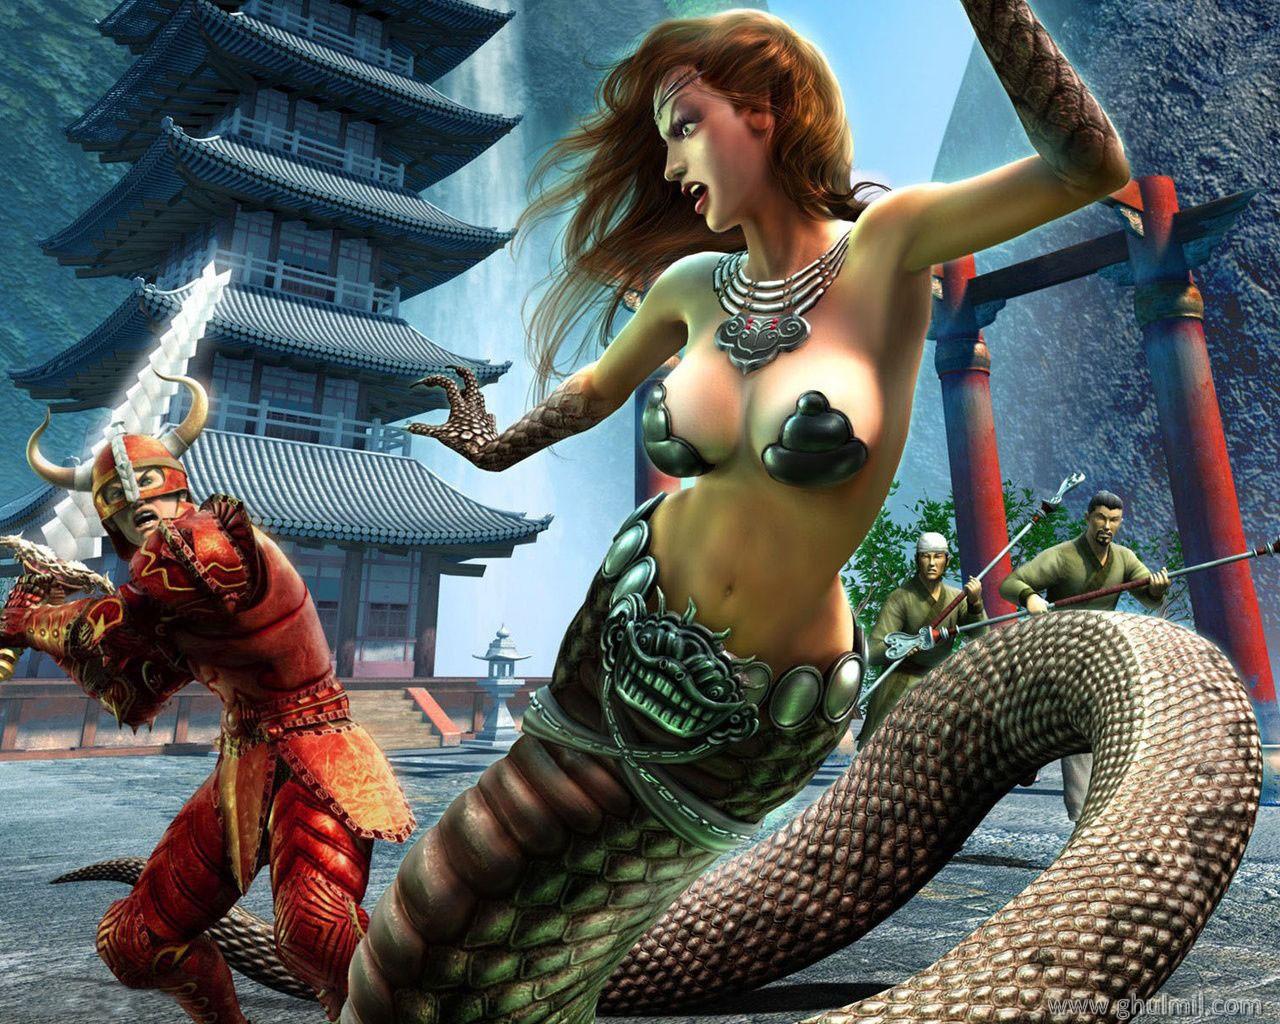 3d snake girl naked pic